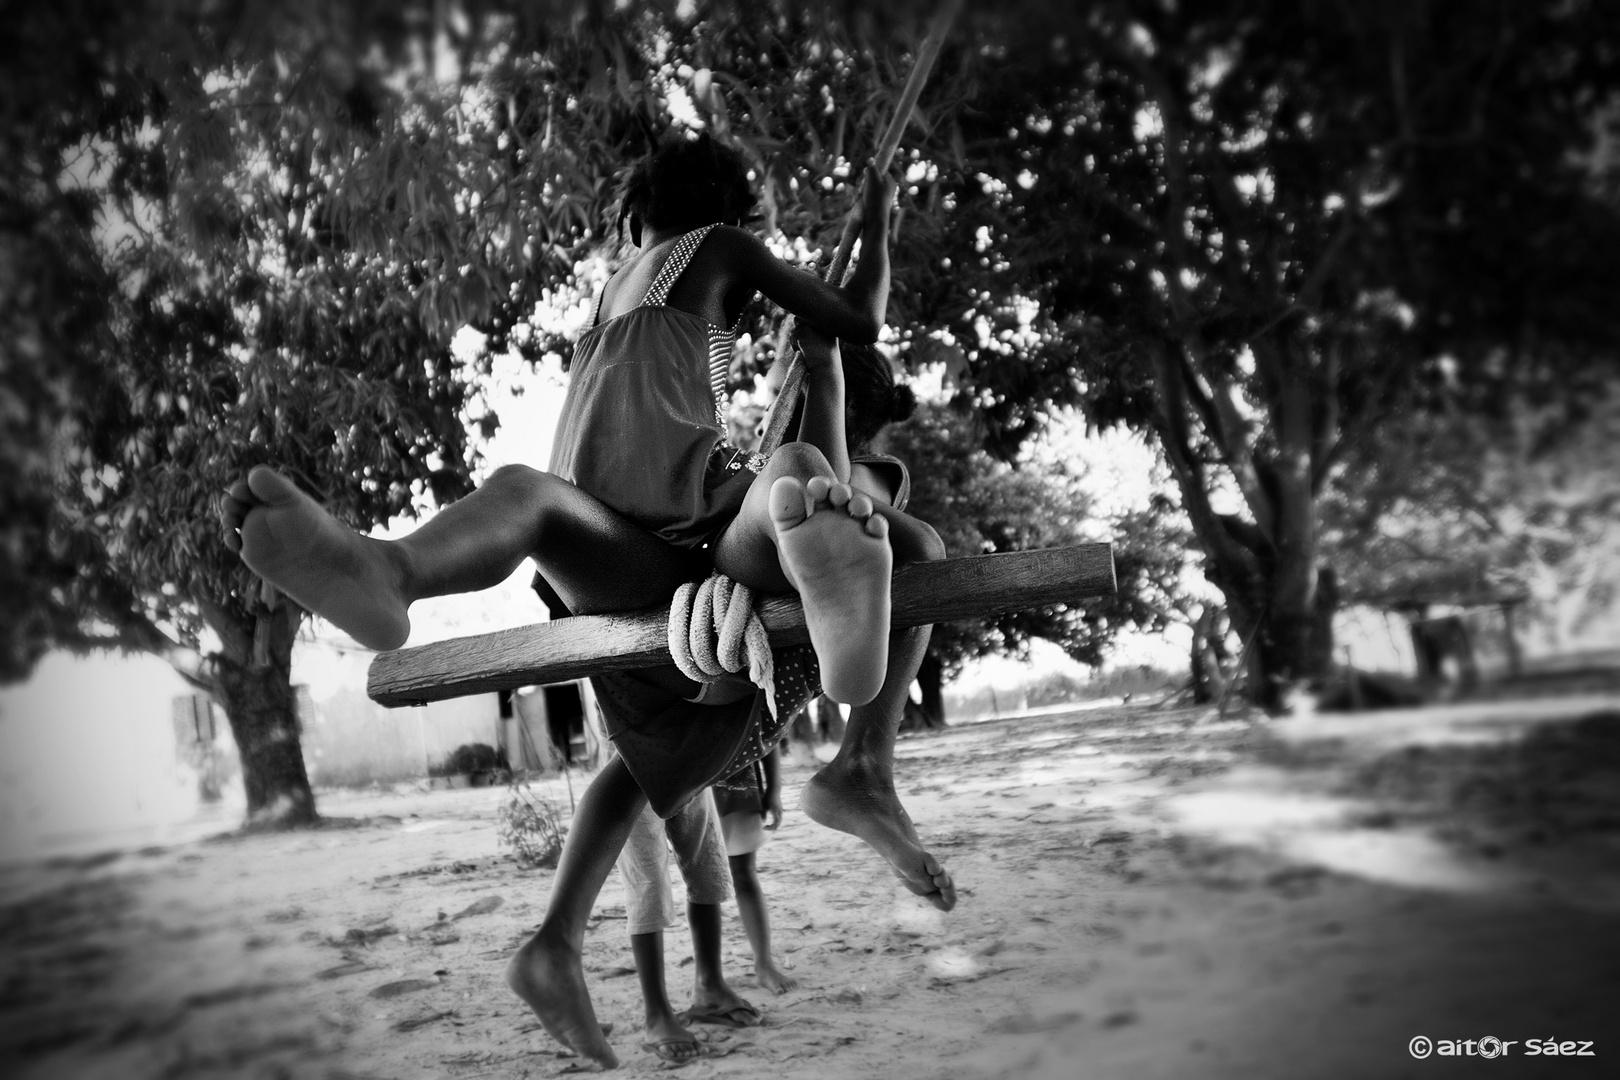 Calunga playing